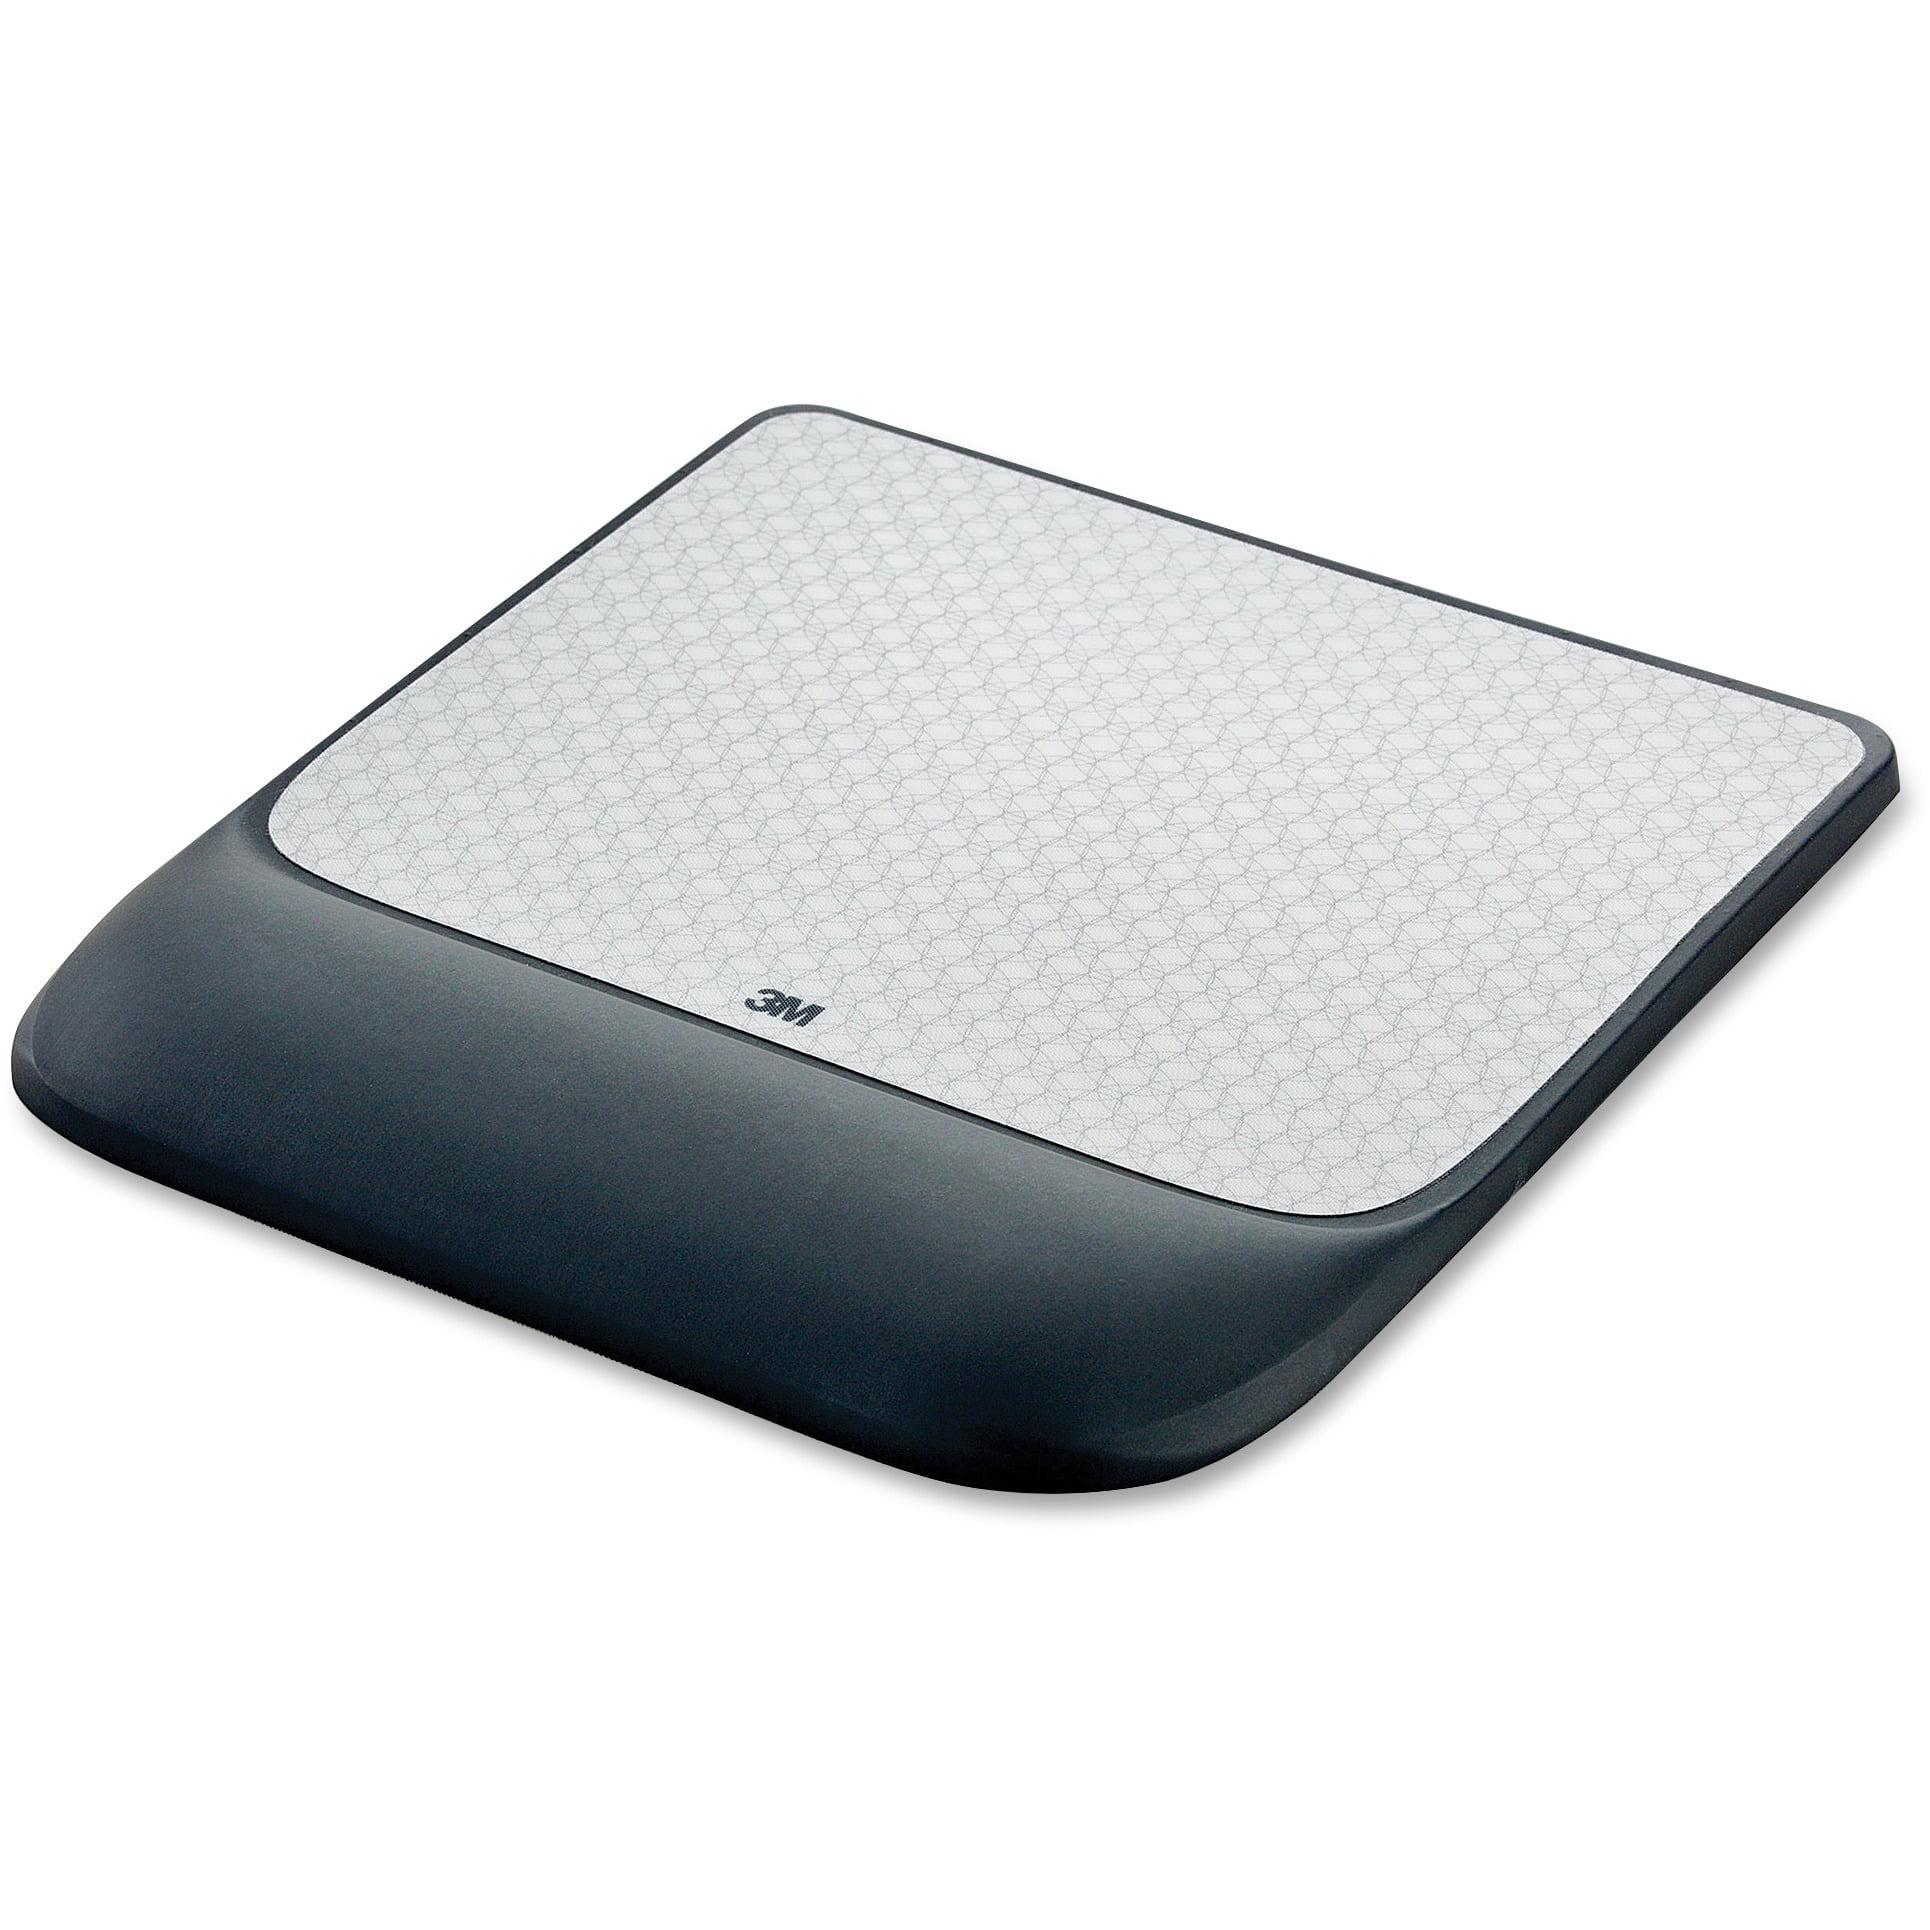 3M, MMMMW85B, Precise Gel Wrist Rest Mouse Pad, 1, Black